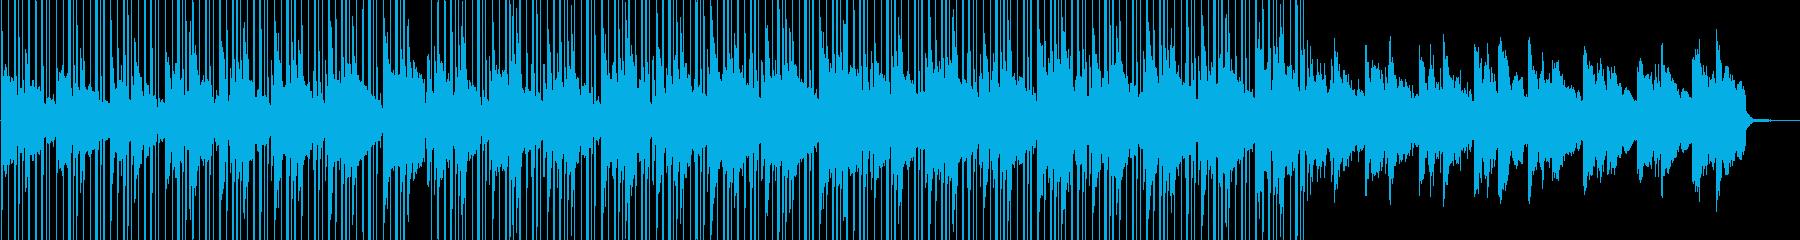 【チルアウト】和風LoFiヒップホップの再生済みの波形